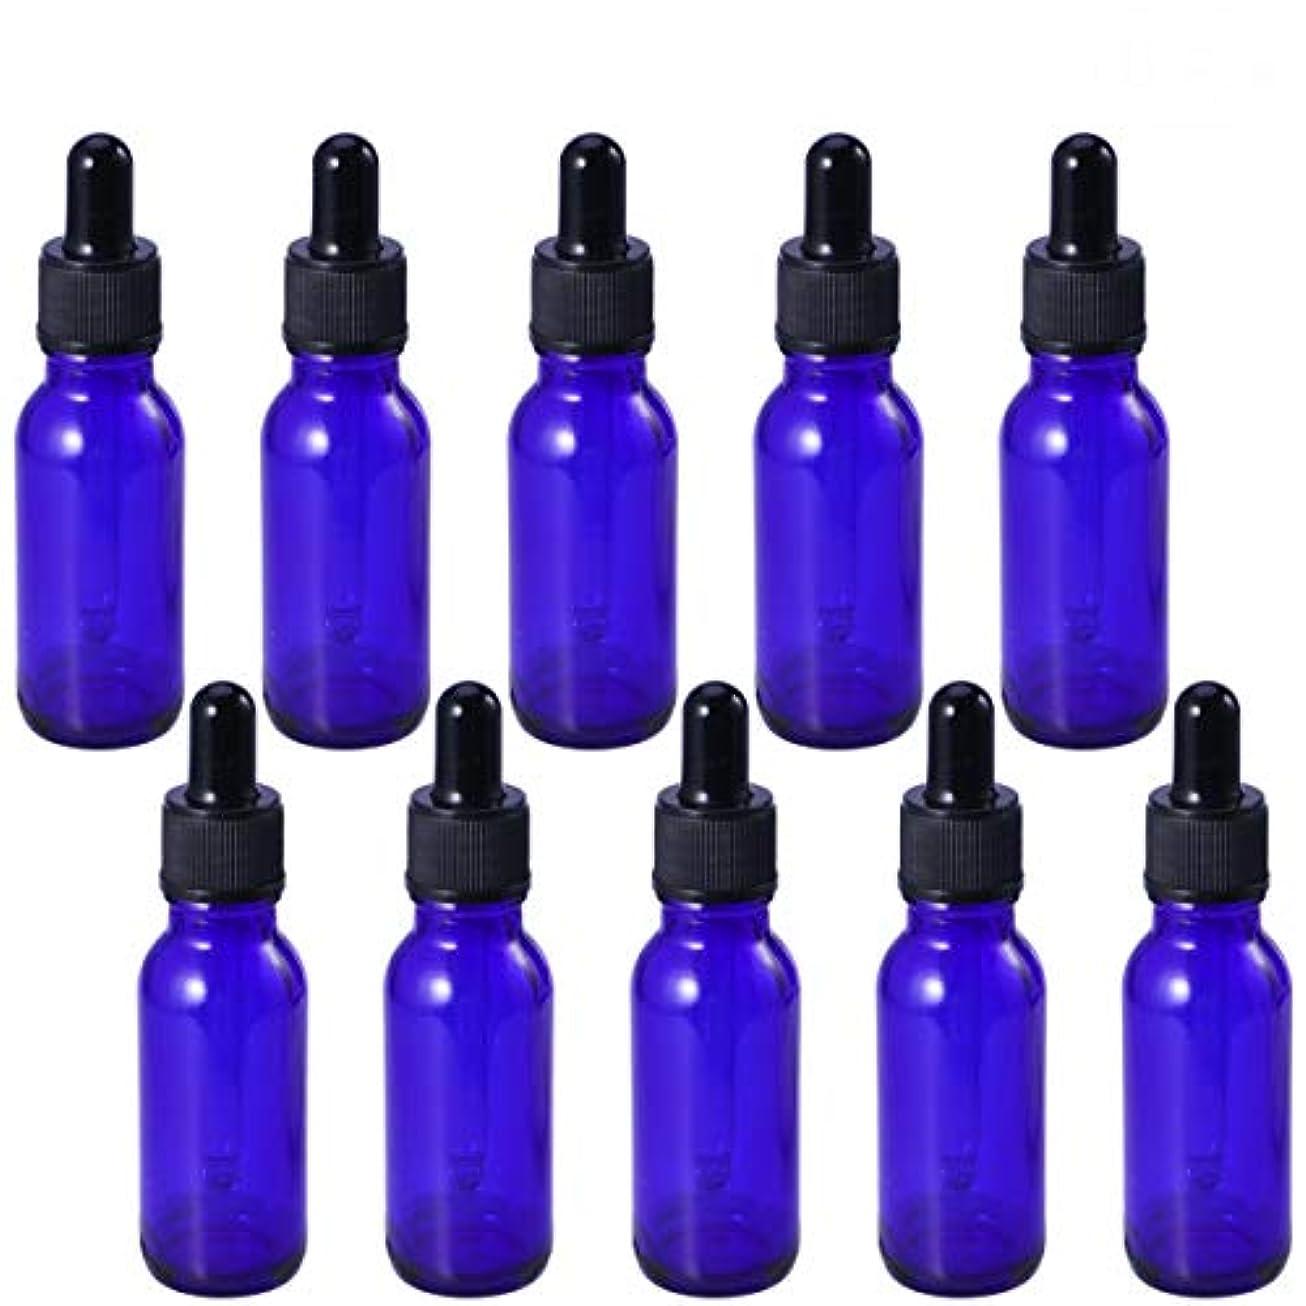 Frcolor 遮光瓶 スポイト遮光瓶 青色瓶 スポイト付き アロマボトル 保存容器 エッセンシャルオイル 香水 保存用 詰替え ガラス(10個入り 20ml)